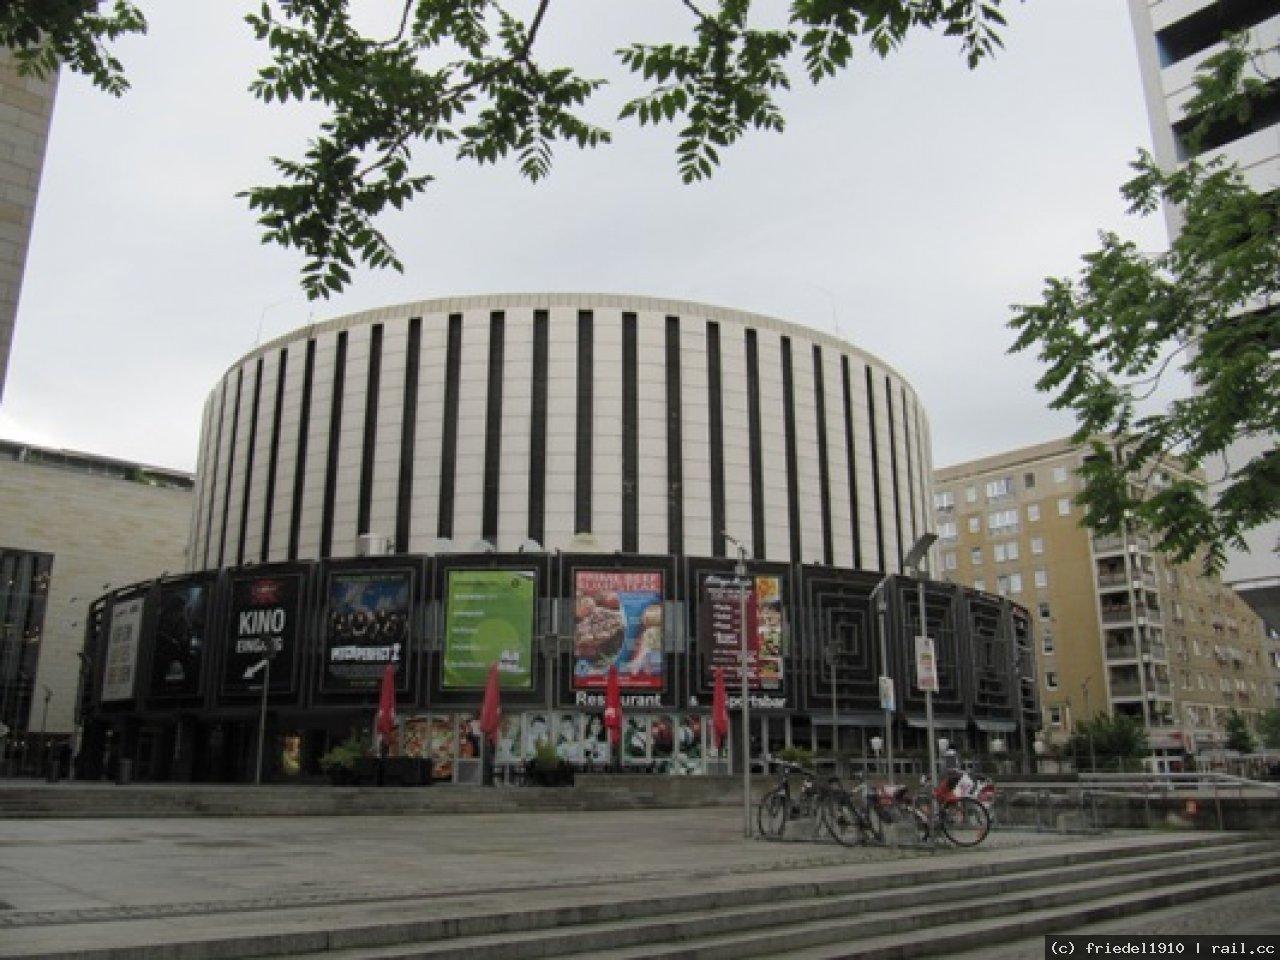 Rundkino Dresden Preise